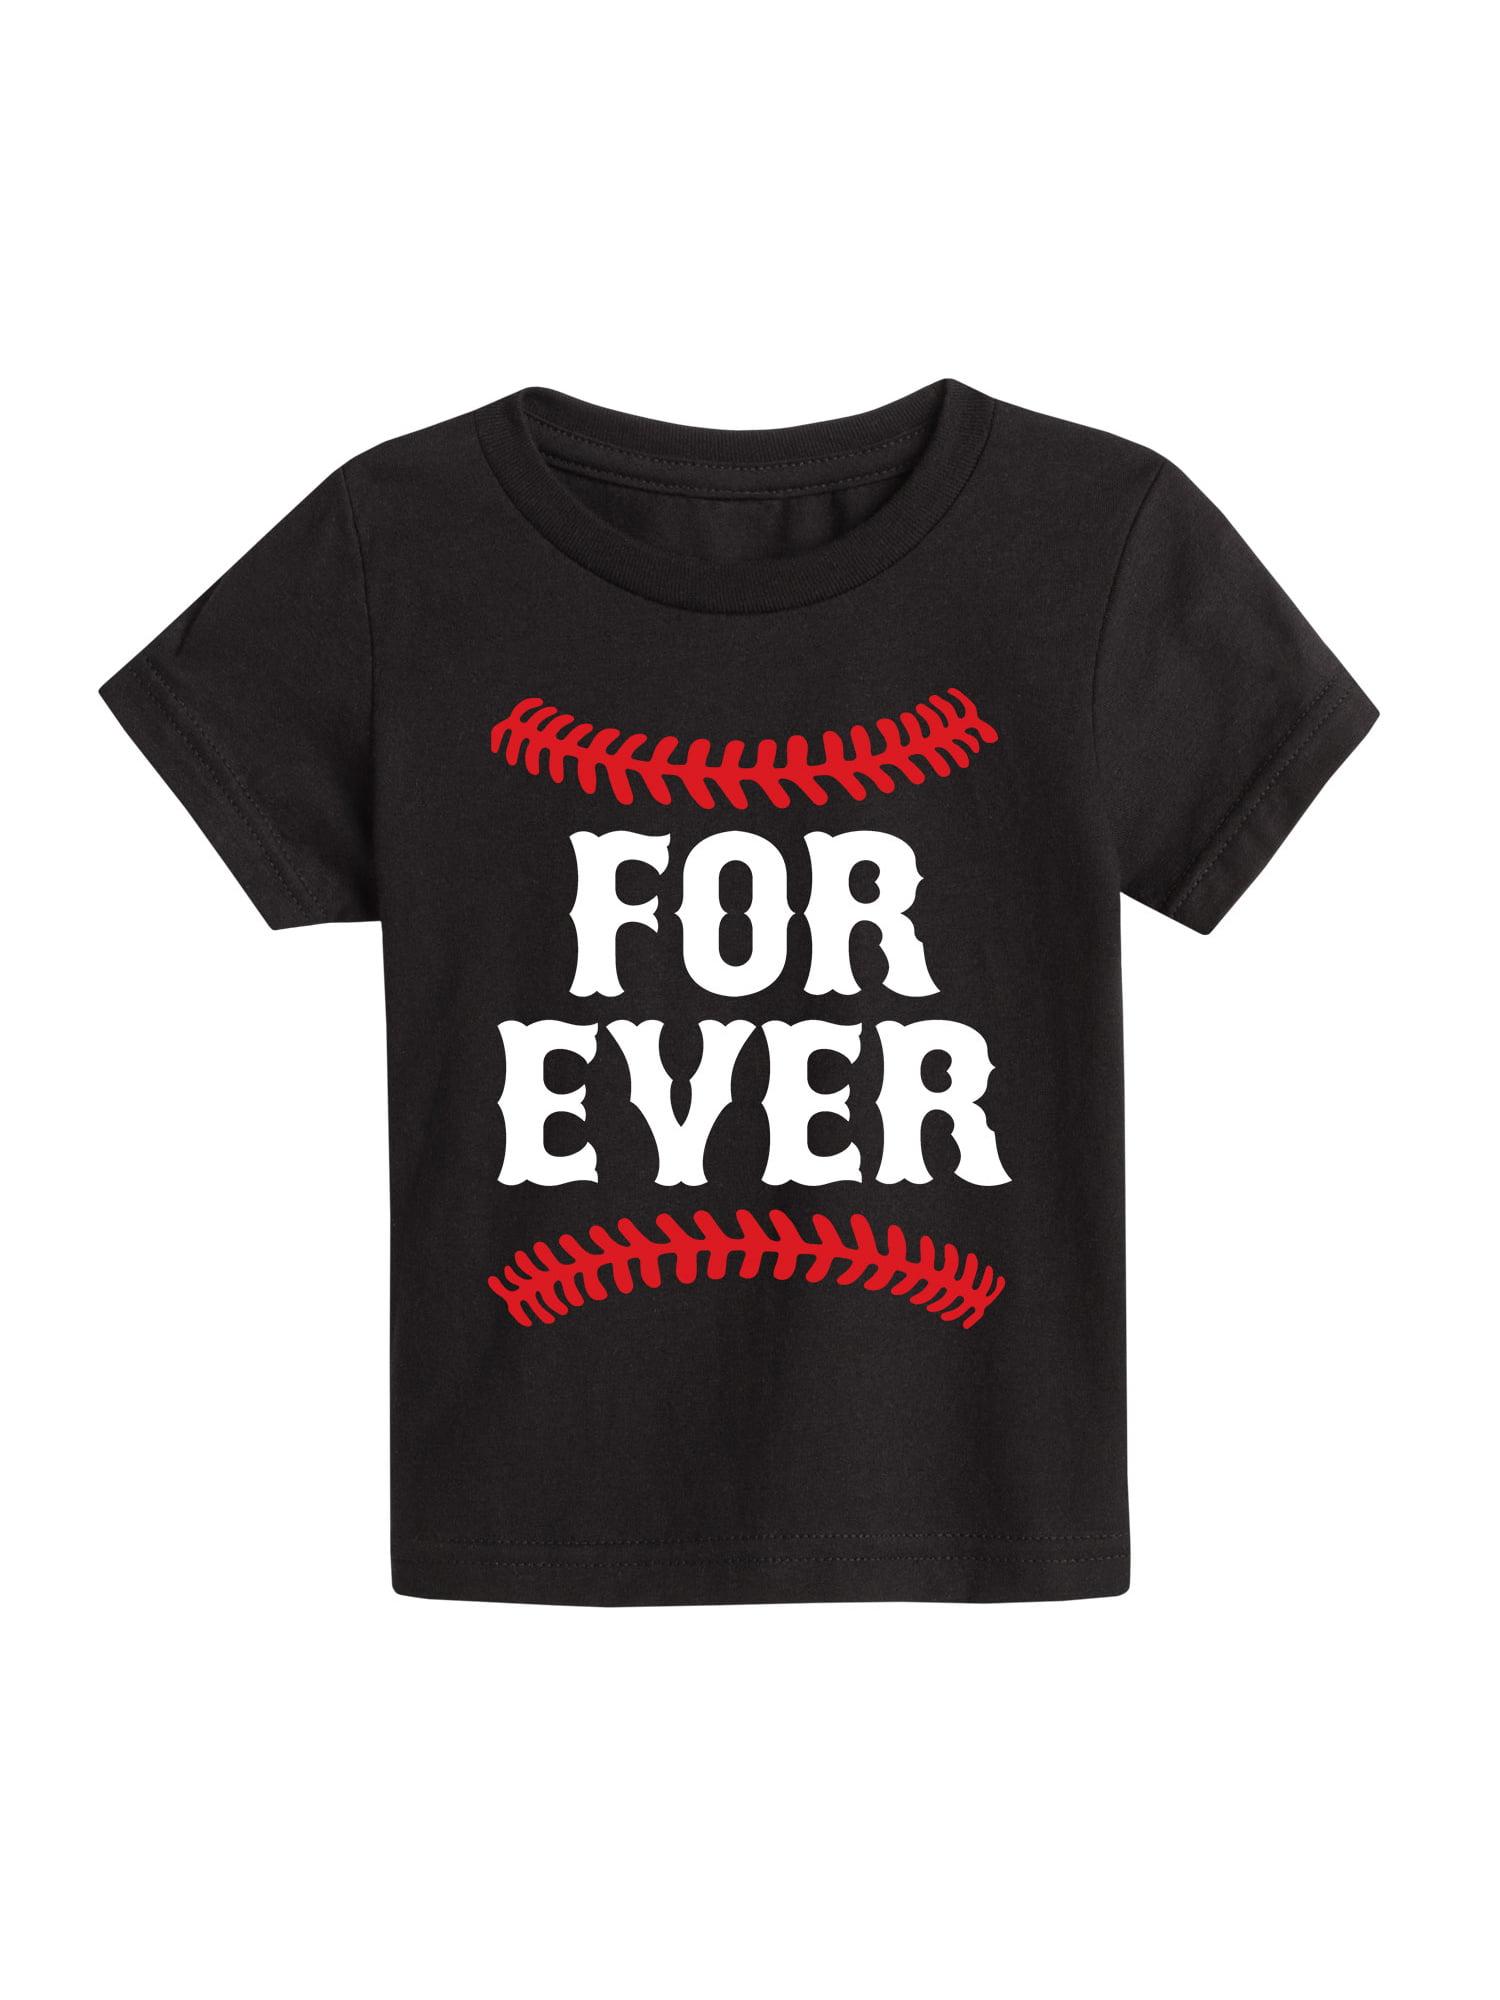 Forever - Toddler Short Sleeve Tee